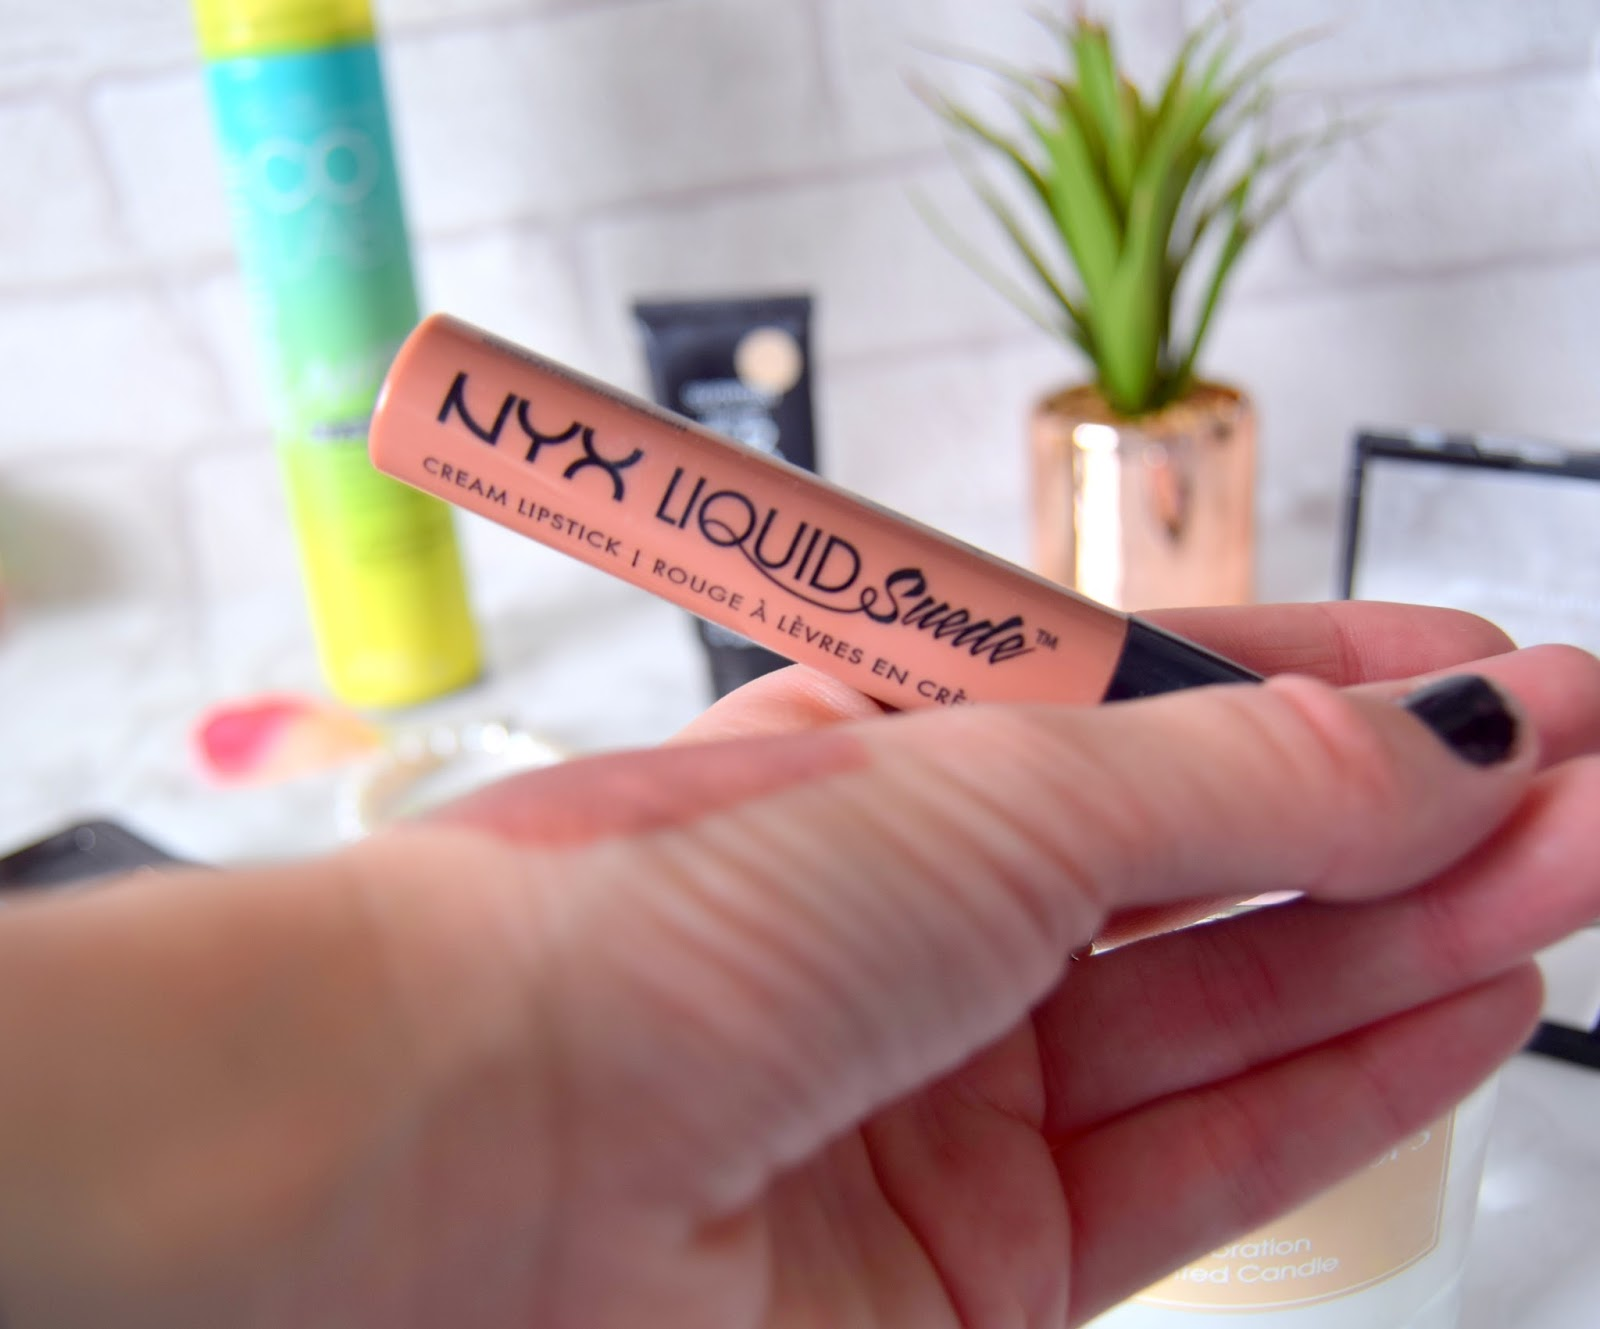 NYX Liquid Suede Cream Lipstick in 07 Sandstorm